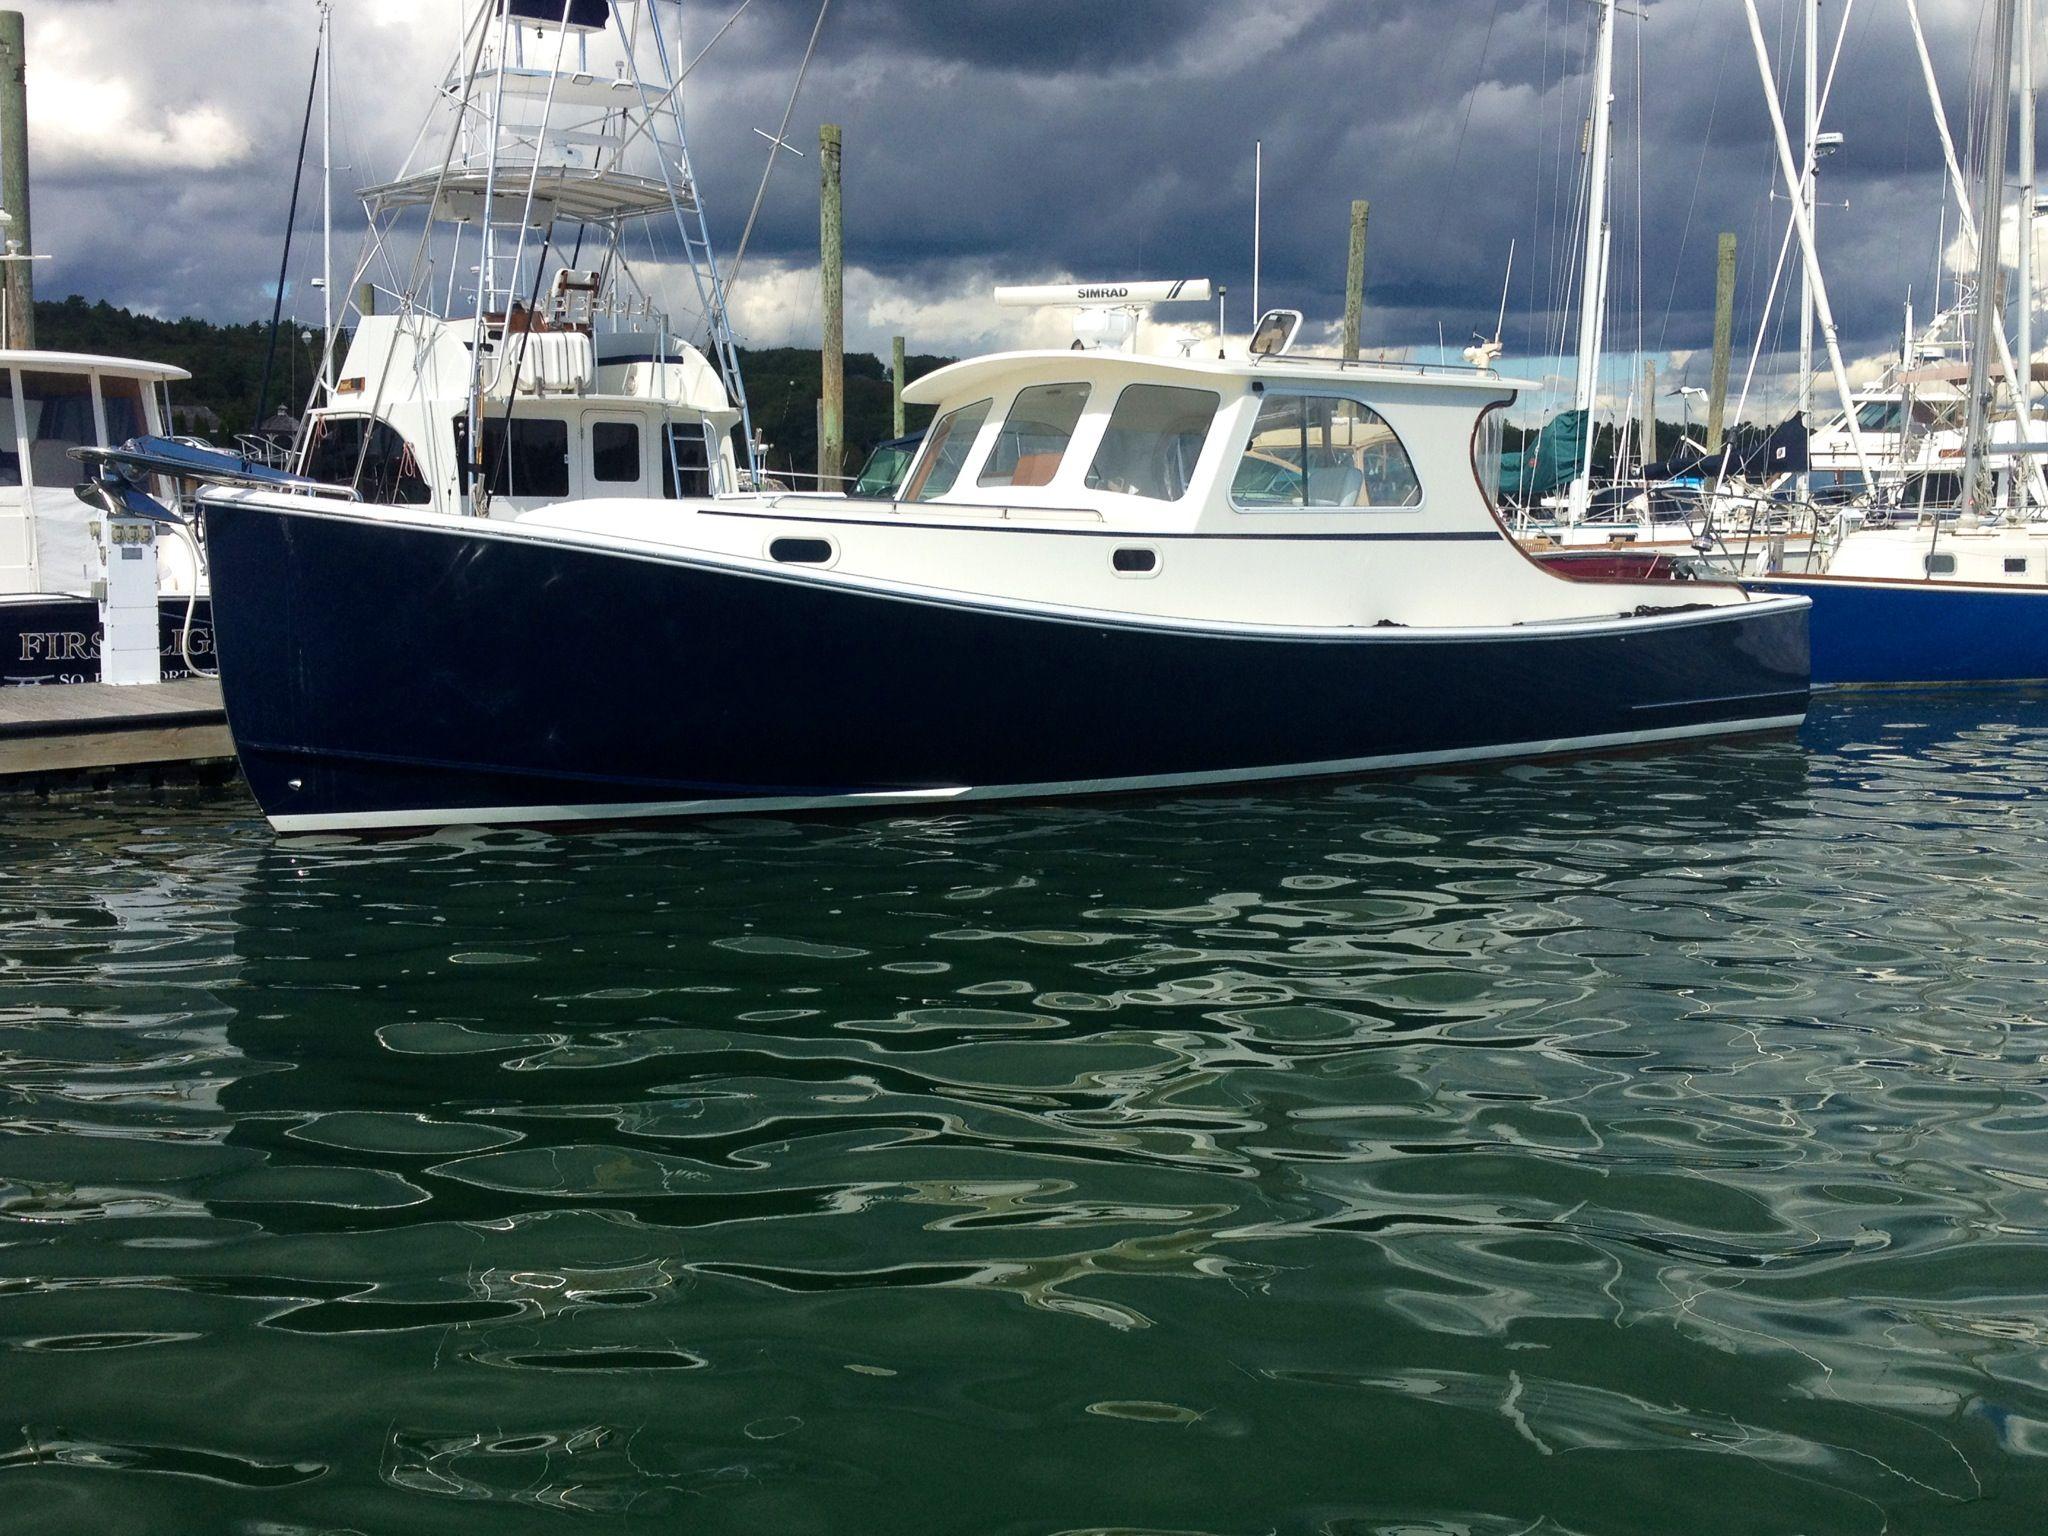 Boats yachts maine boats lobster boats picnic boats sailing - Northern Bay 36 Ht Exp Yachts